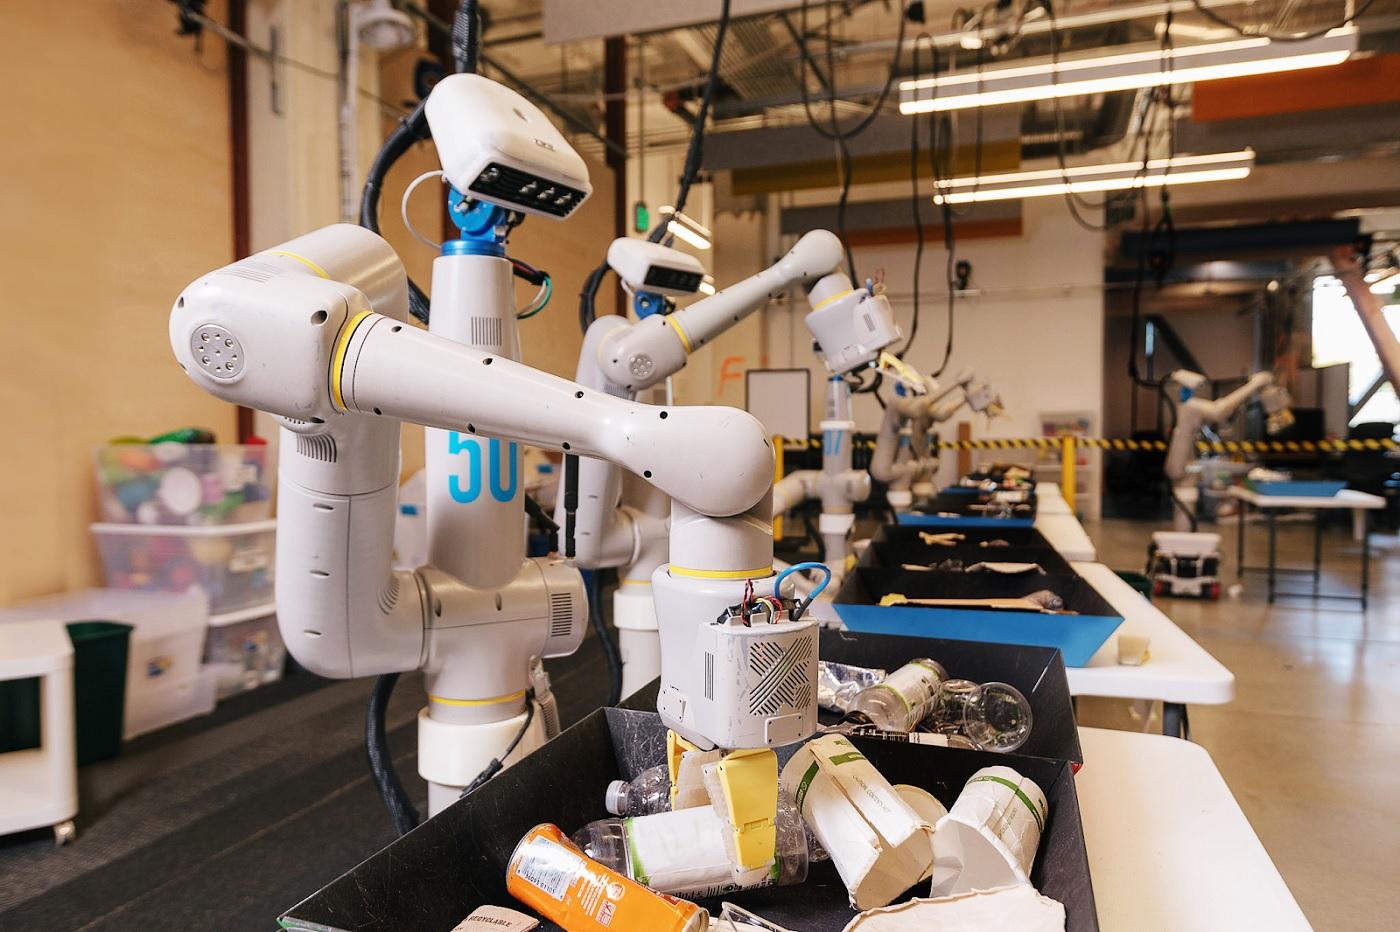 Les robots trieurs de déchets d'Alphabet